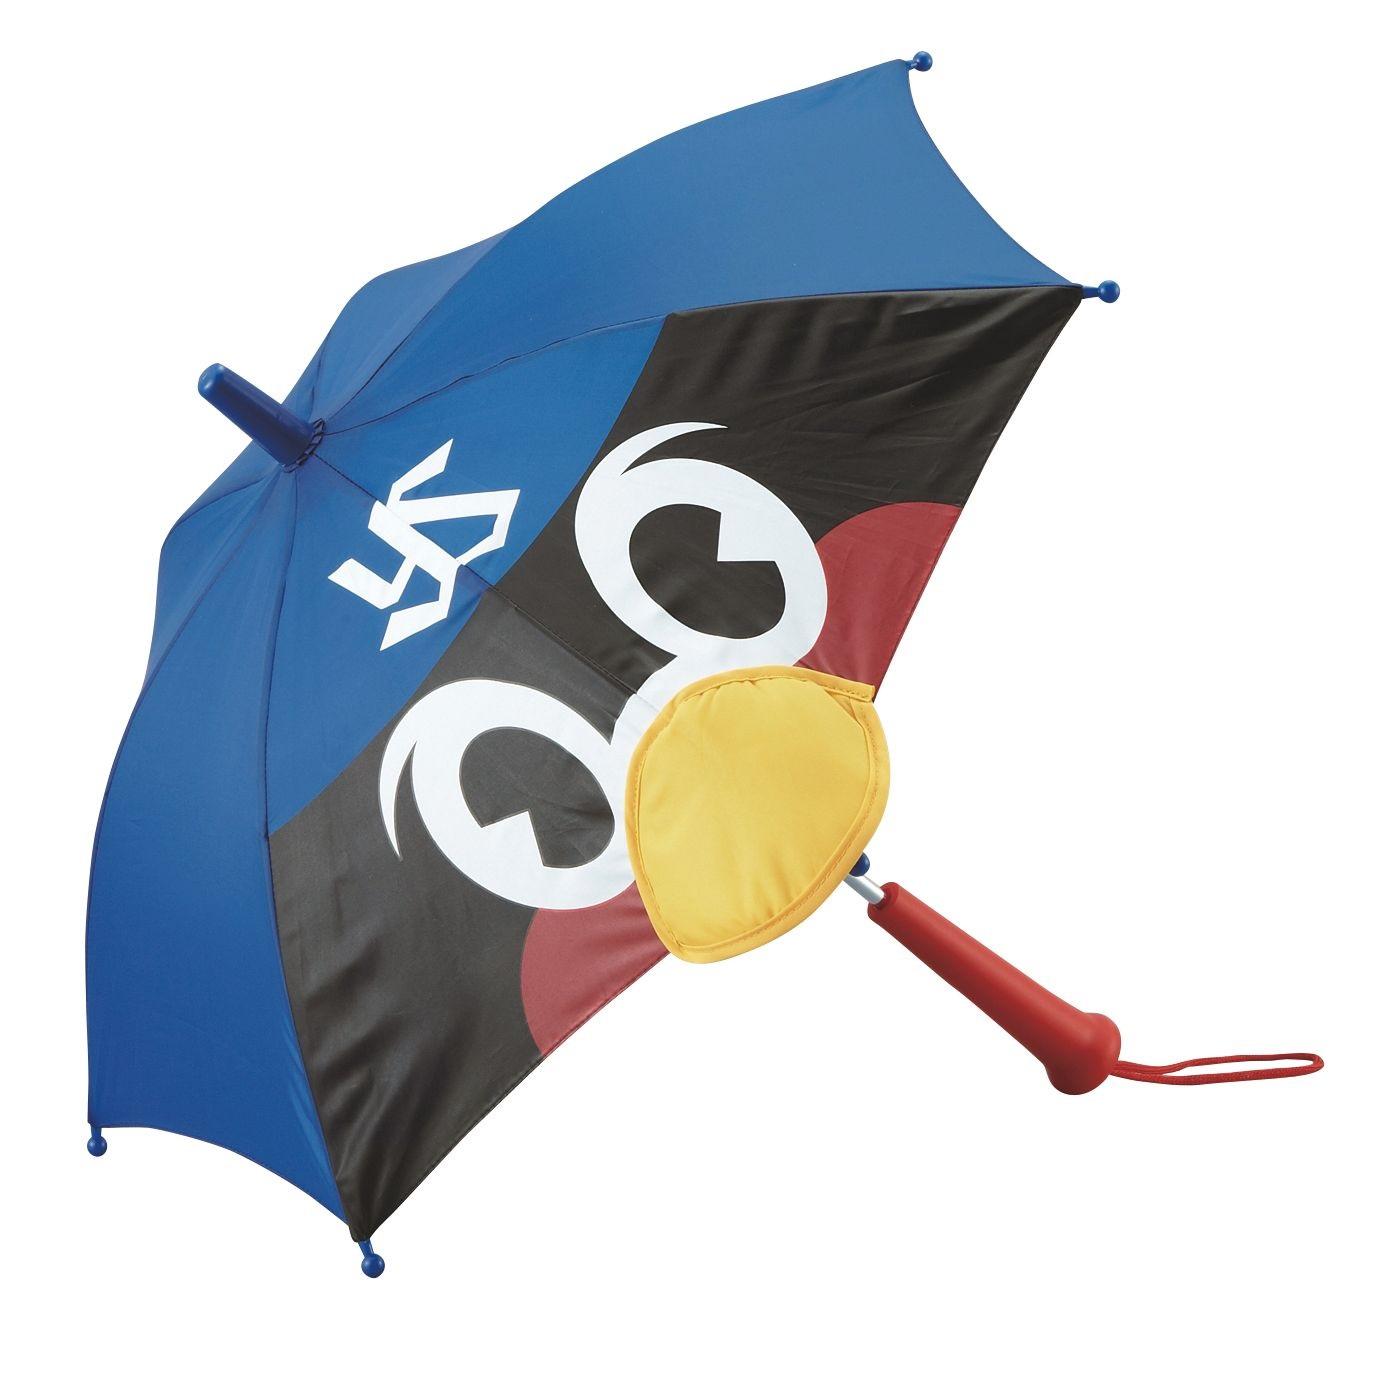 つば九郎顔型応援ミニ傘(サイン入り)